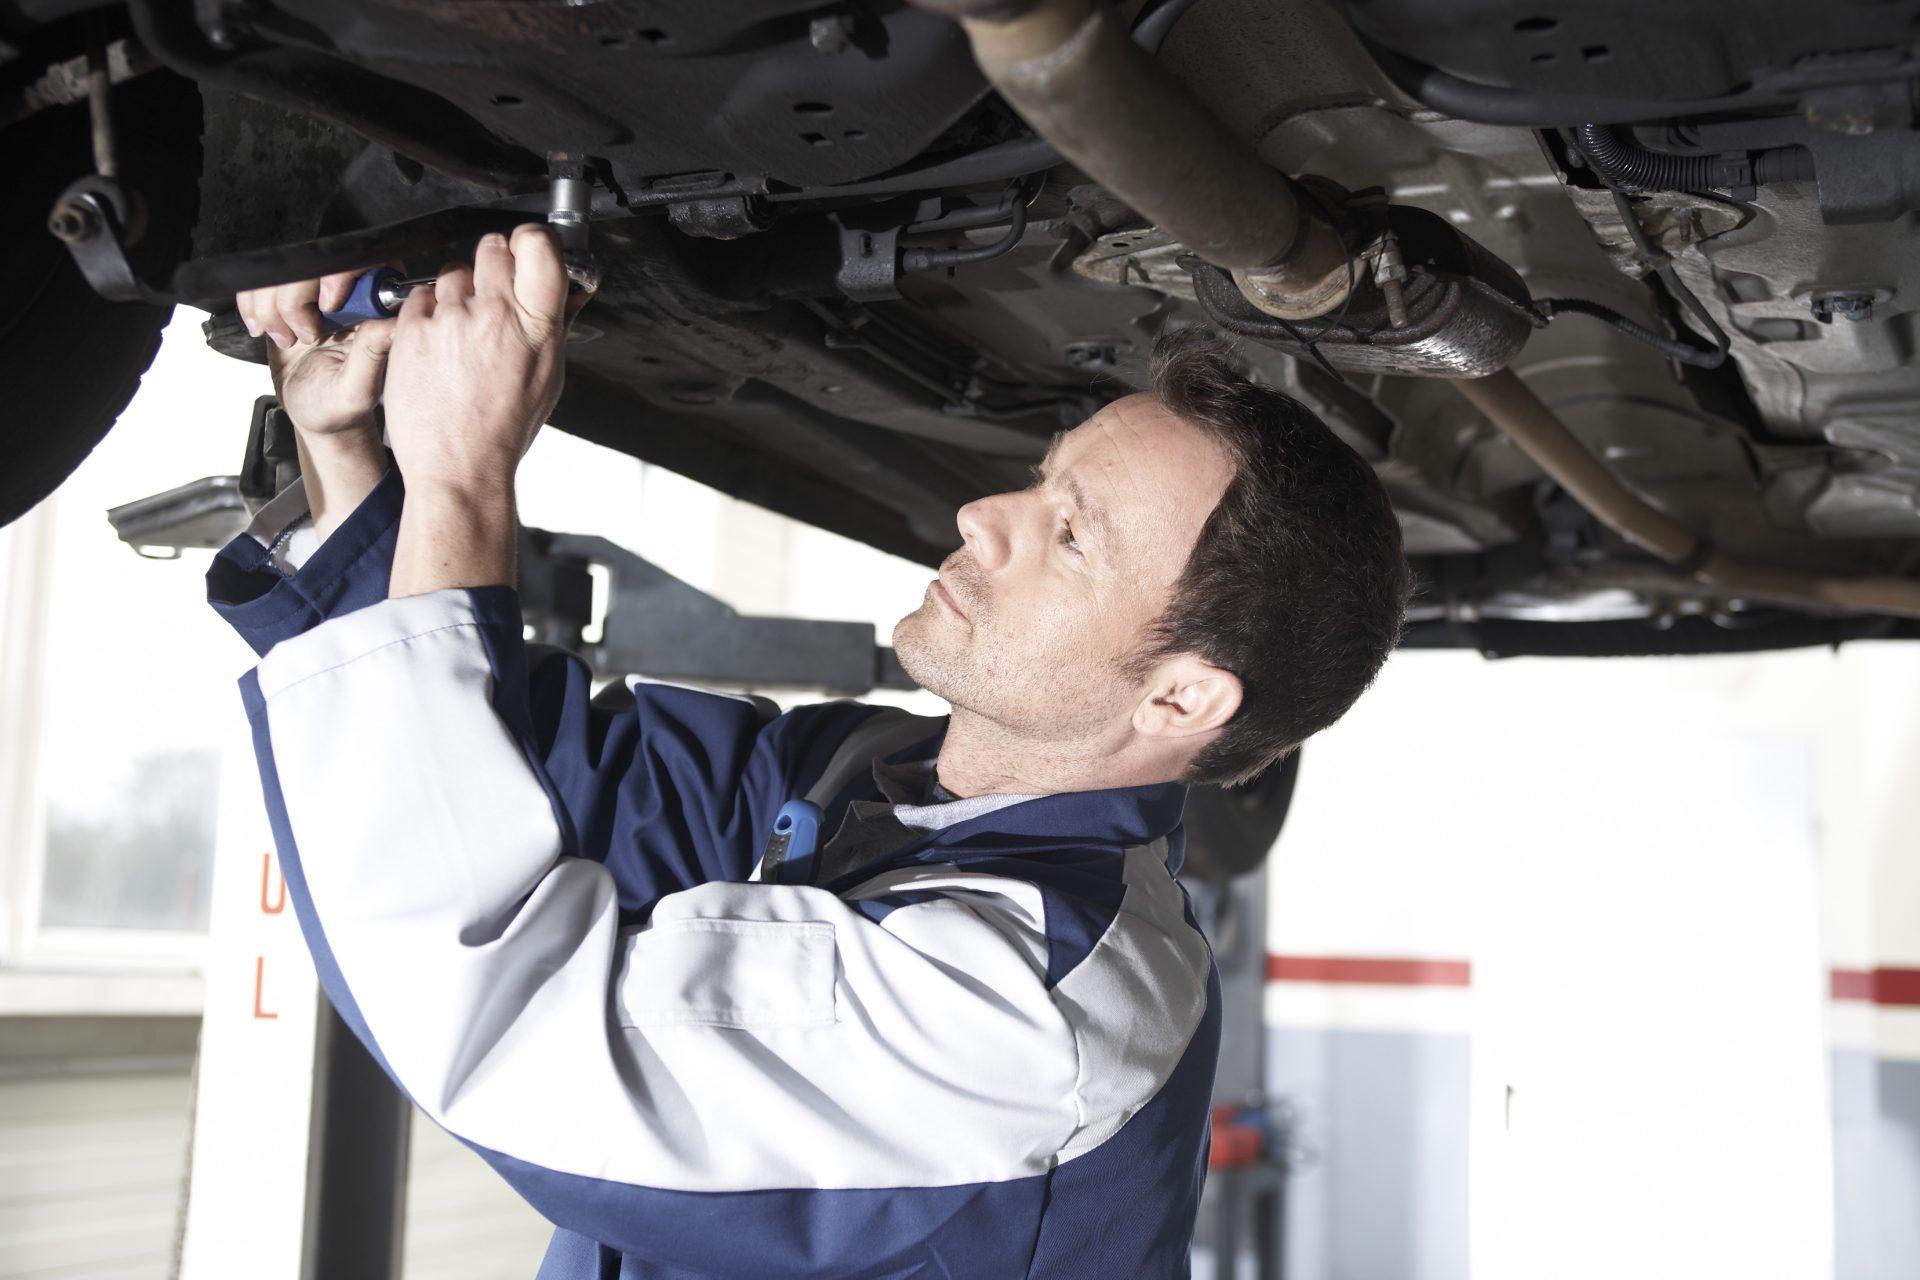 Wie preisbewusste Autofahrer trotz steigender Werkstattkosten sparen können